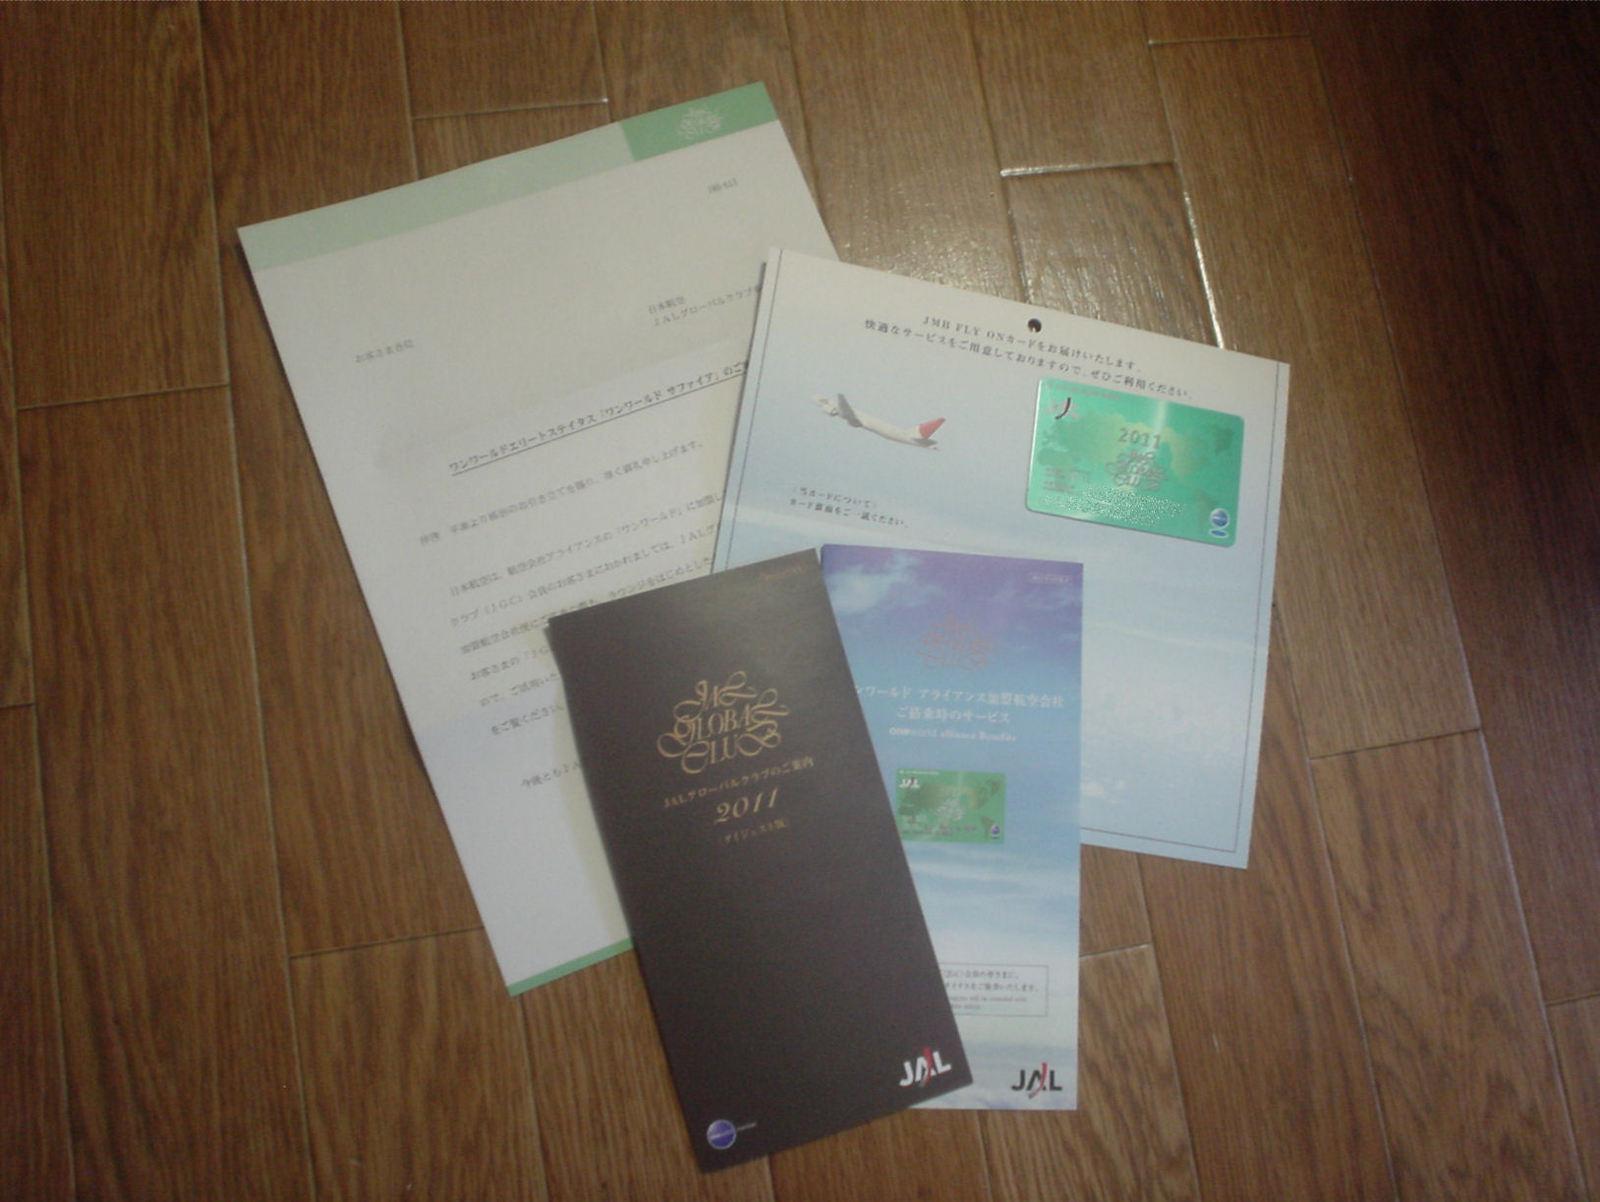 サービスなどを紹介したパンフレットも同封されています